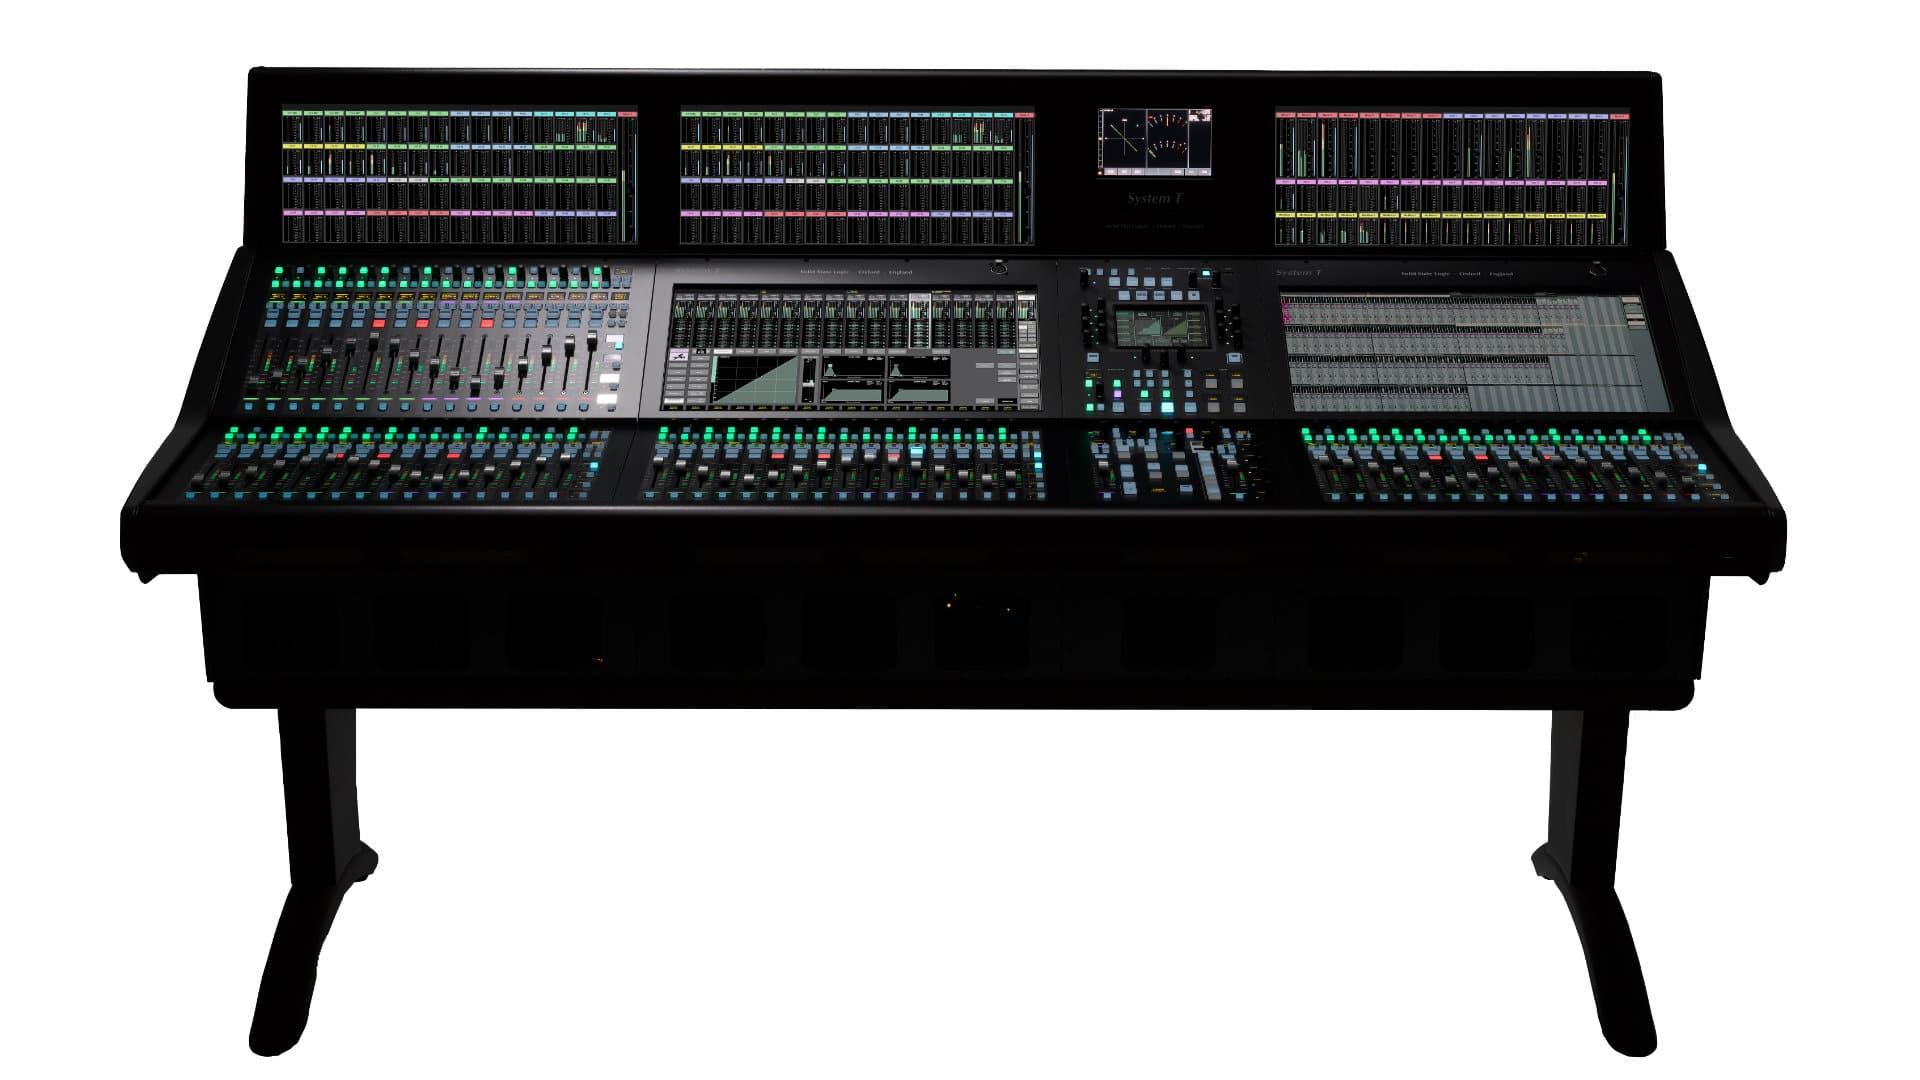 Cyfrowa konsoleta dla studia i broadcastu SSL Sytem T S500